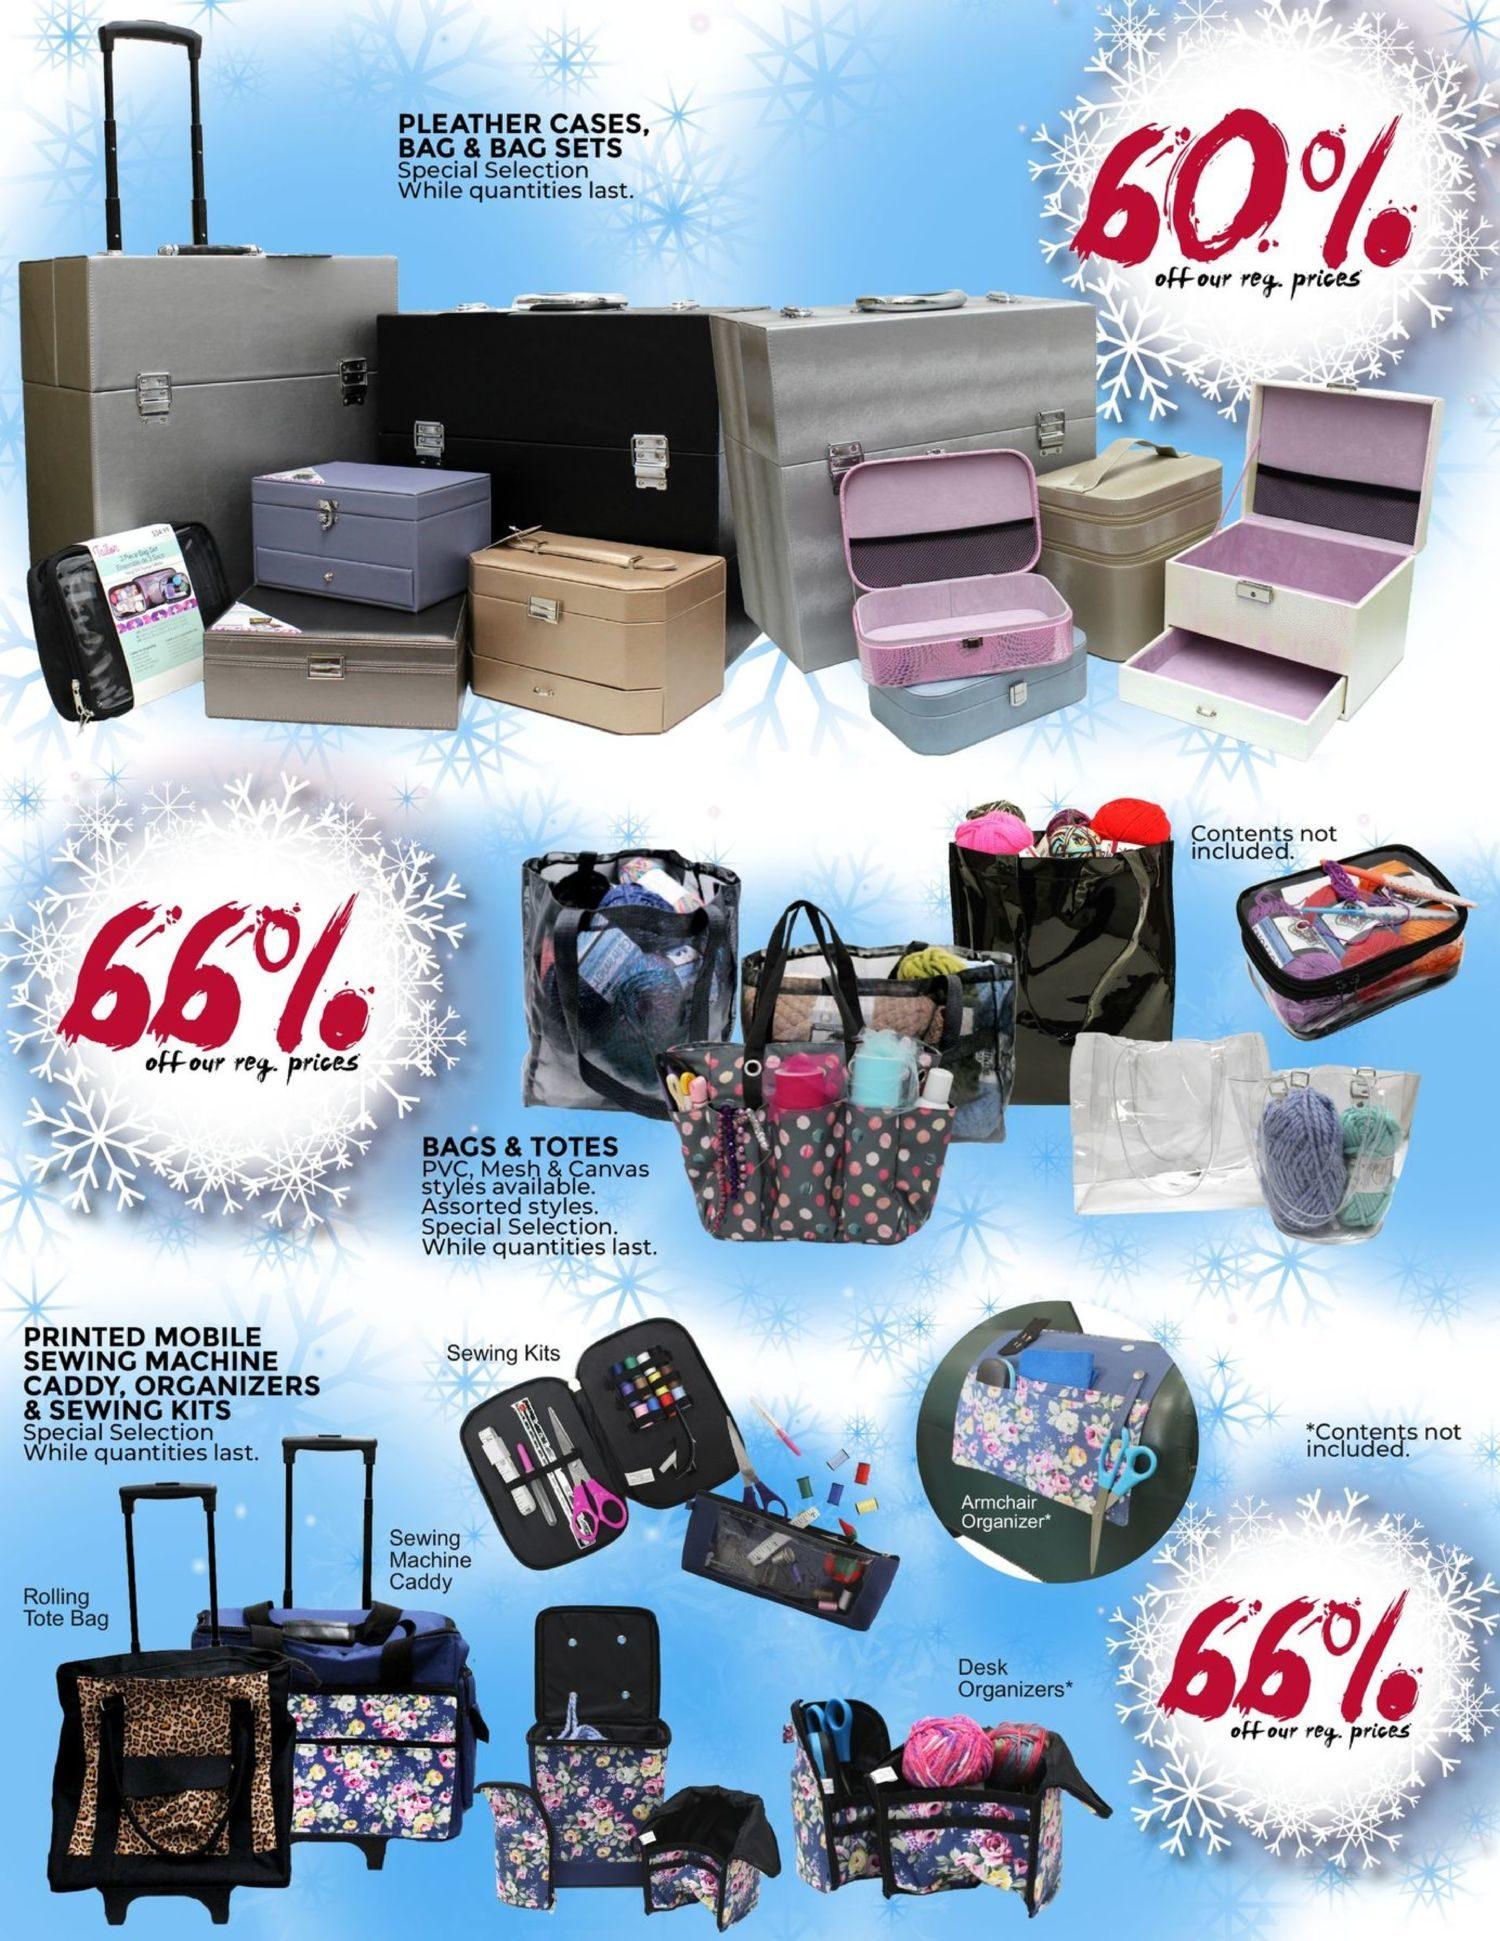 Fabricland - January's Deep Freeze Sale - Page 16